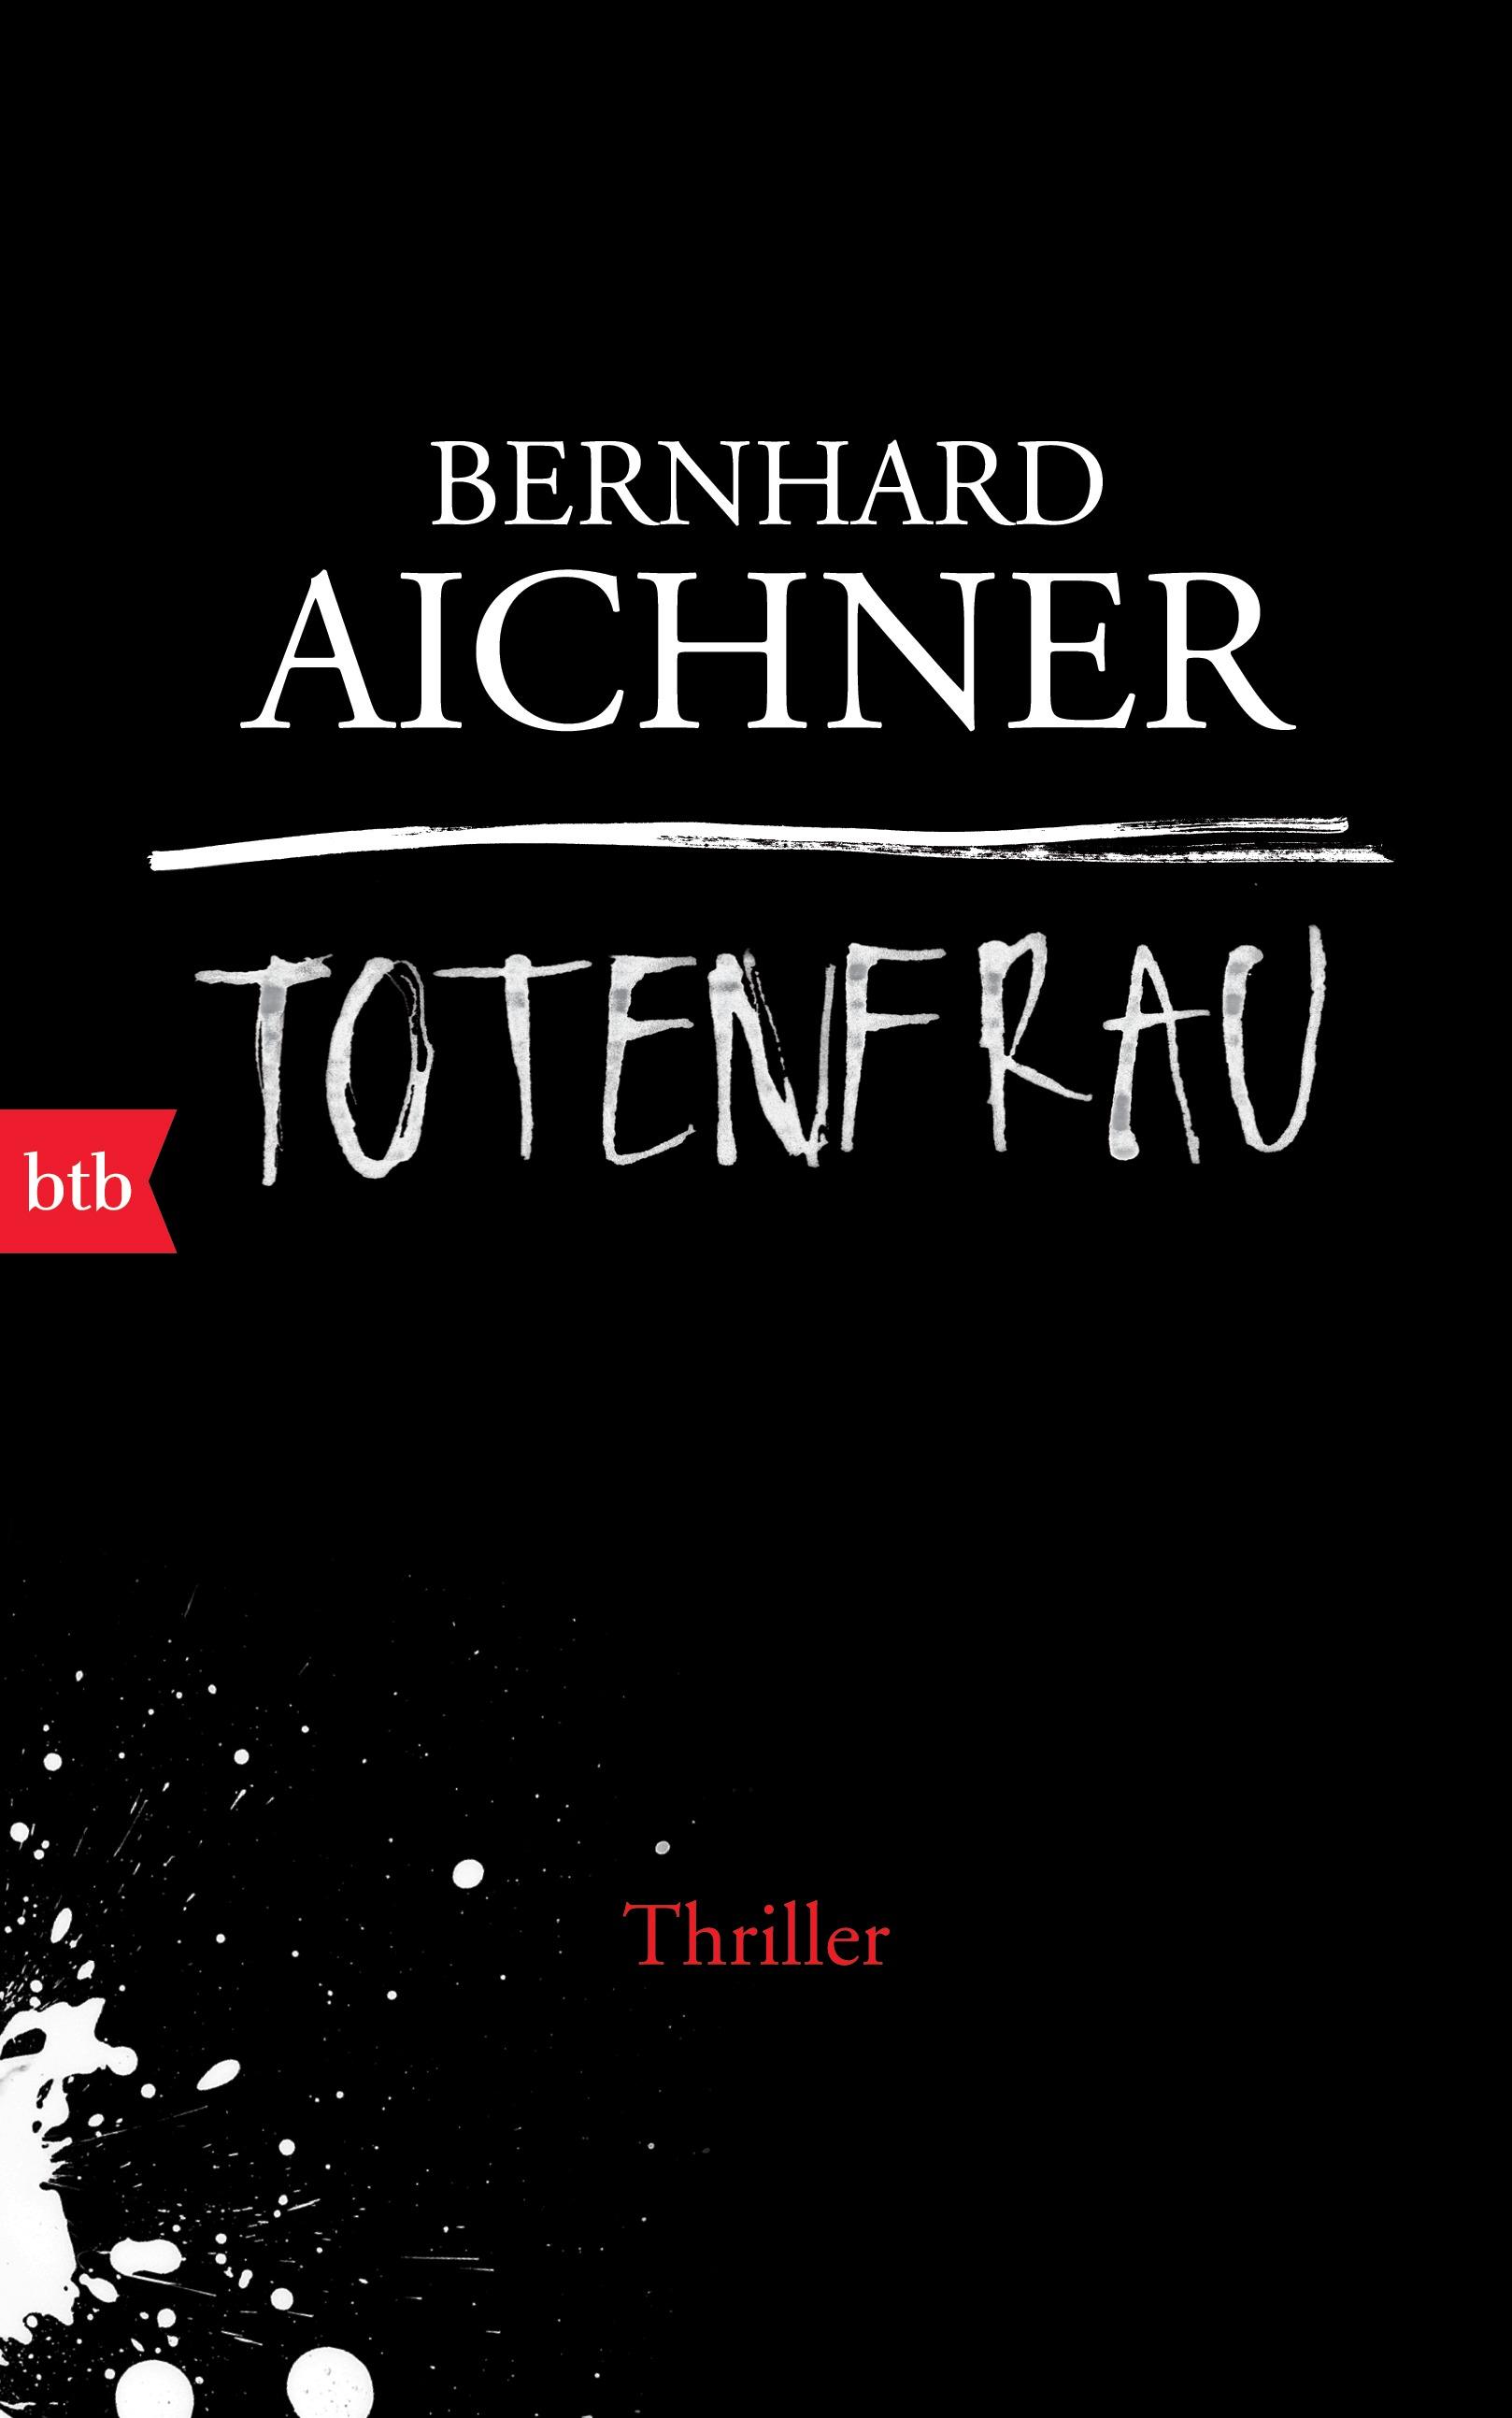 Totenfrau - Bernhard Aichner